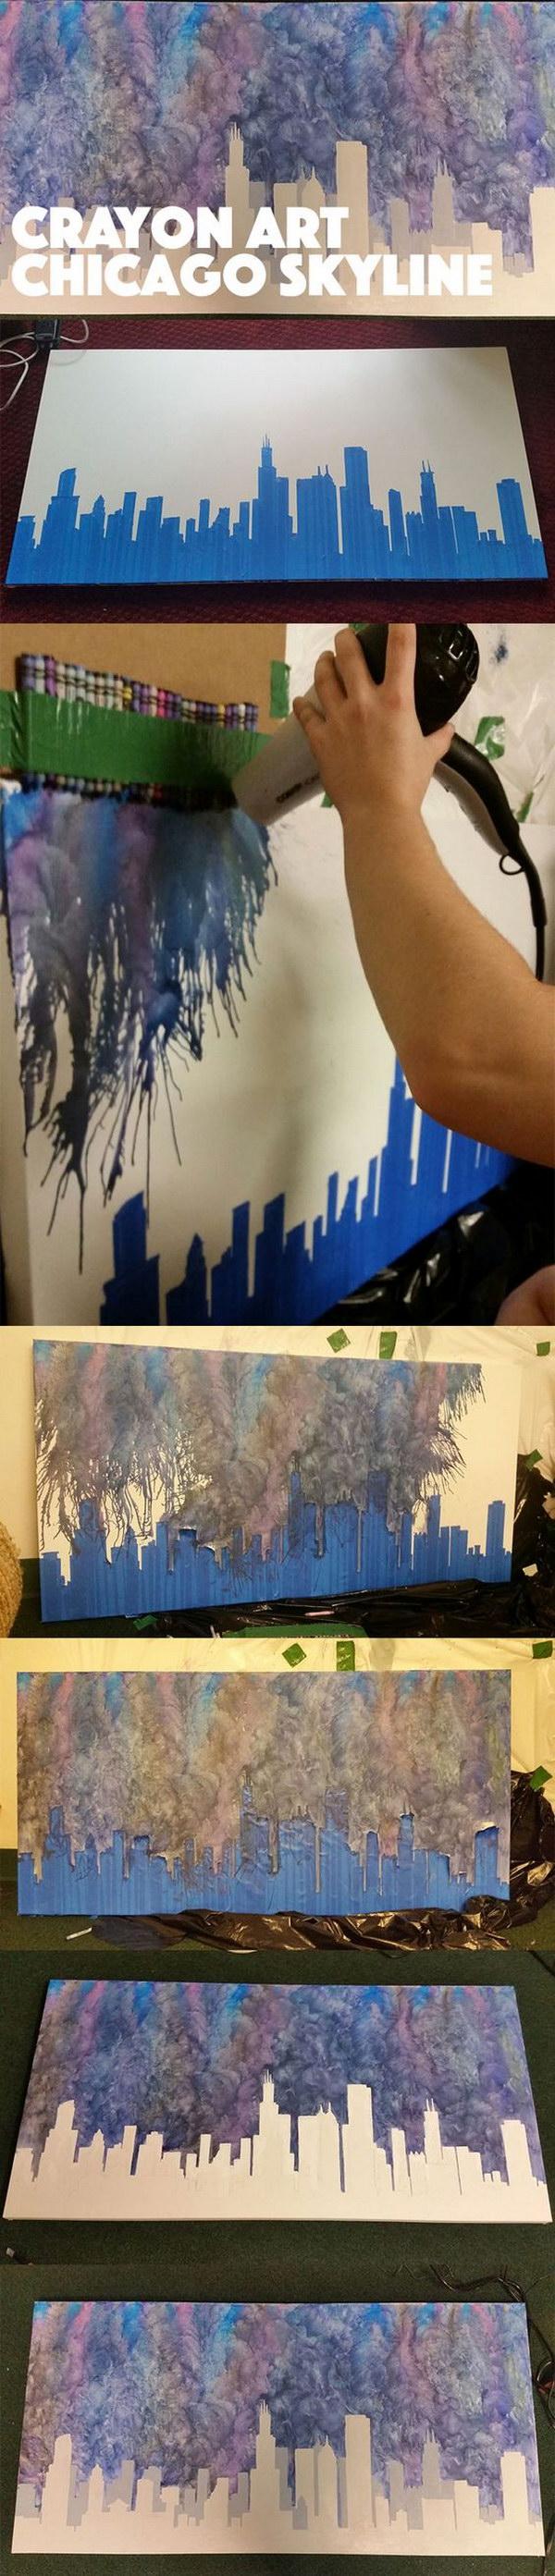 Amazing Crayon Art